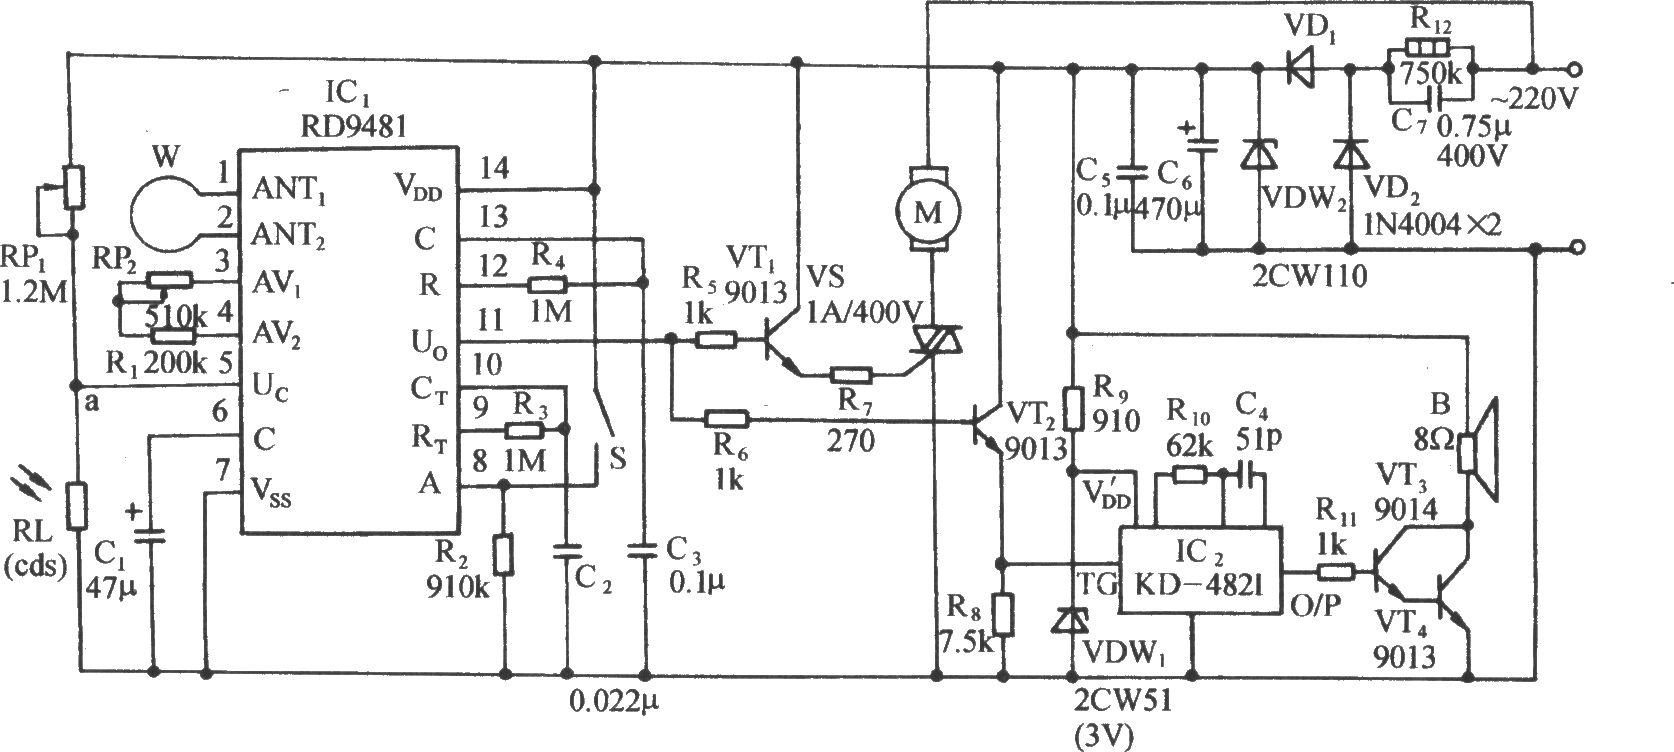 可控硅控制电路,音乐发声和放,大电路,交流降压整流电路等.